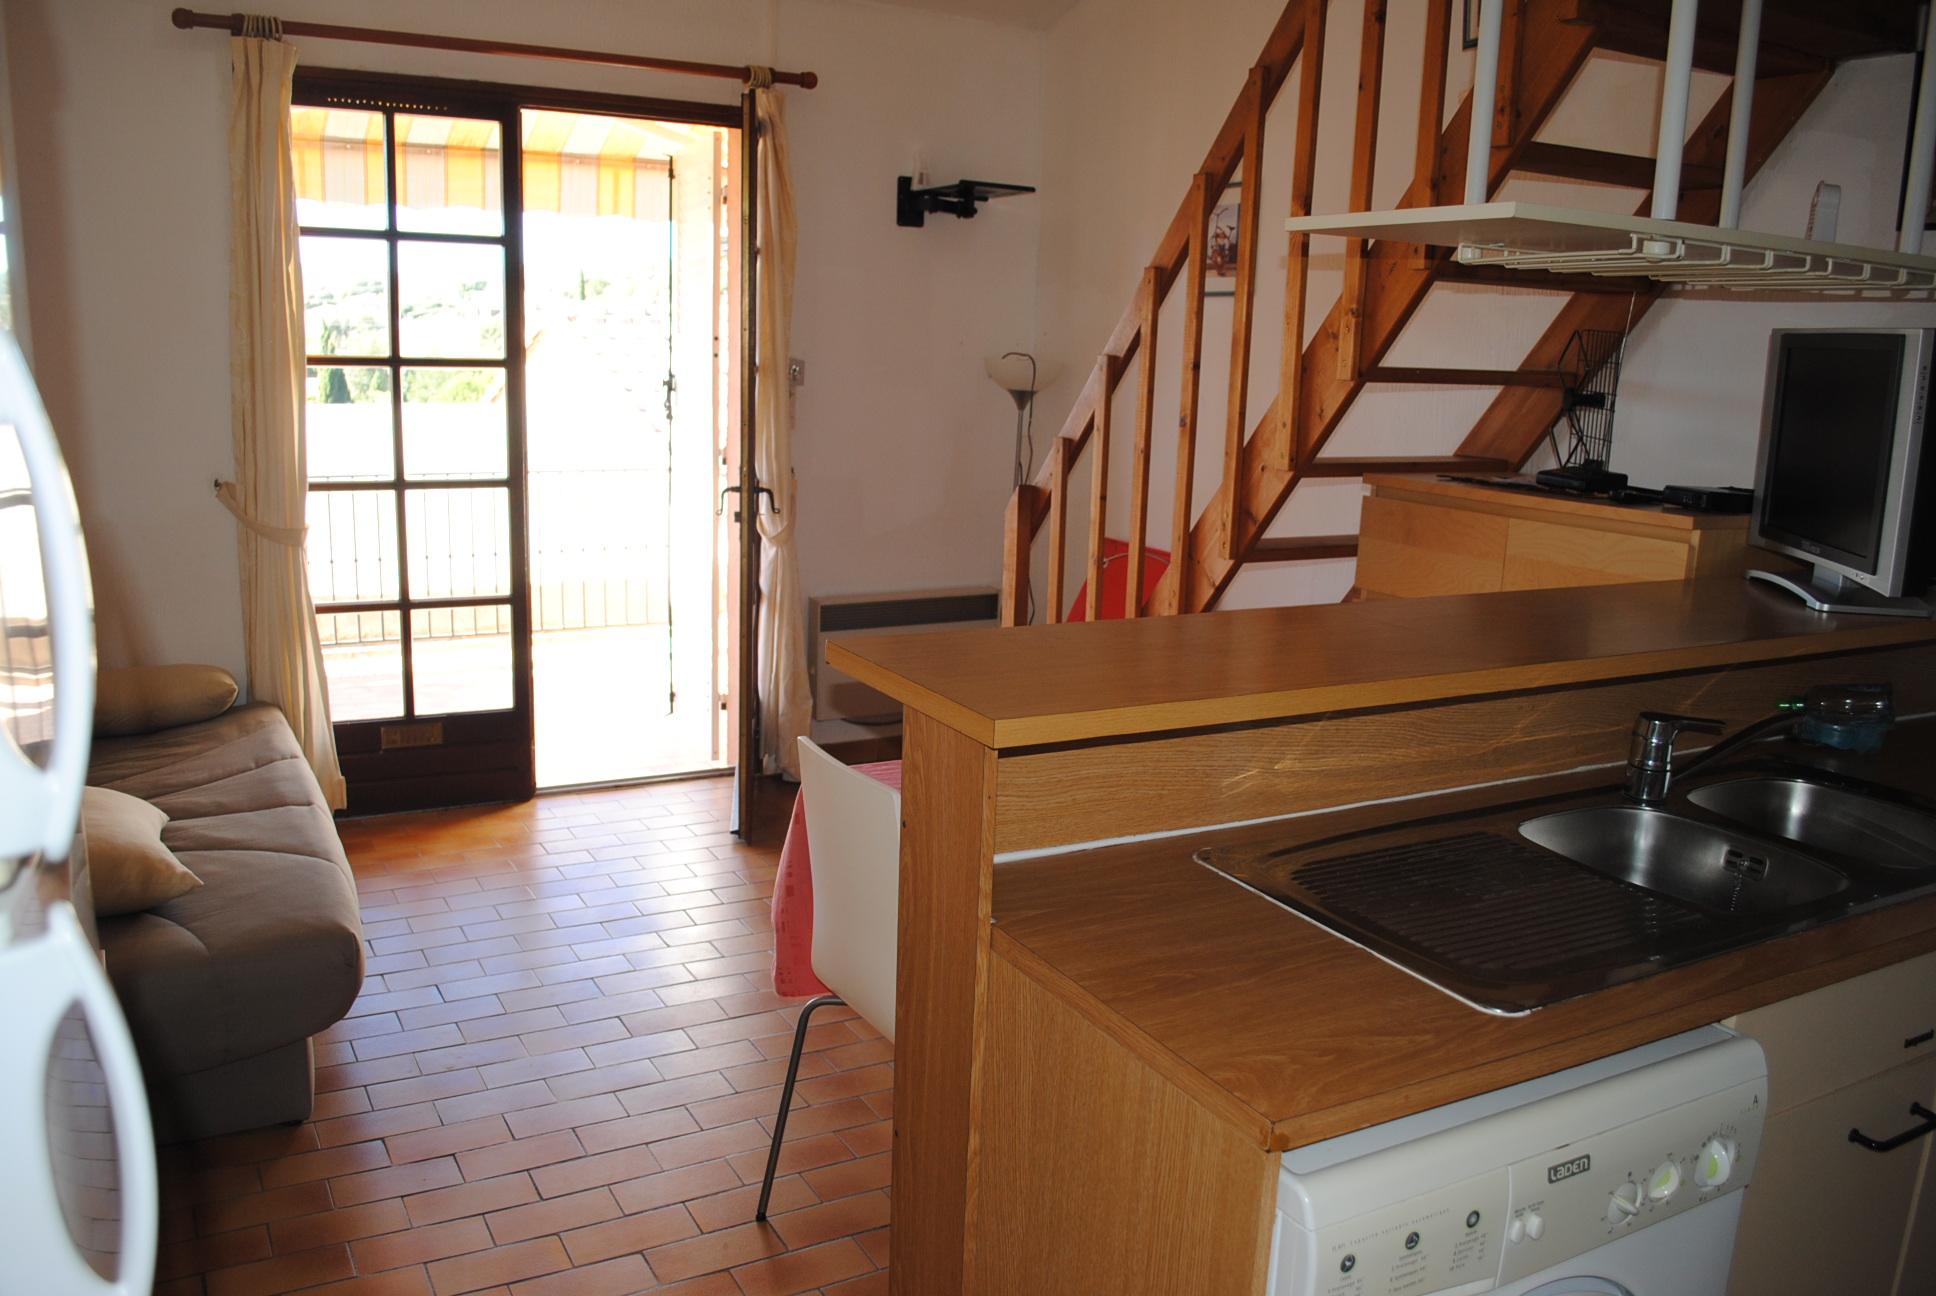 Locations annuelles studio mezzanine meubl t1 f1 bormes les mimosas hameau des olivierss era - Studio mezzanine ...